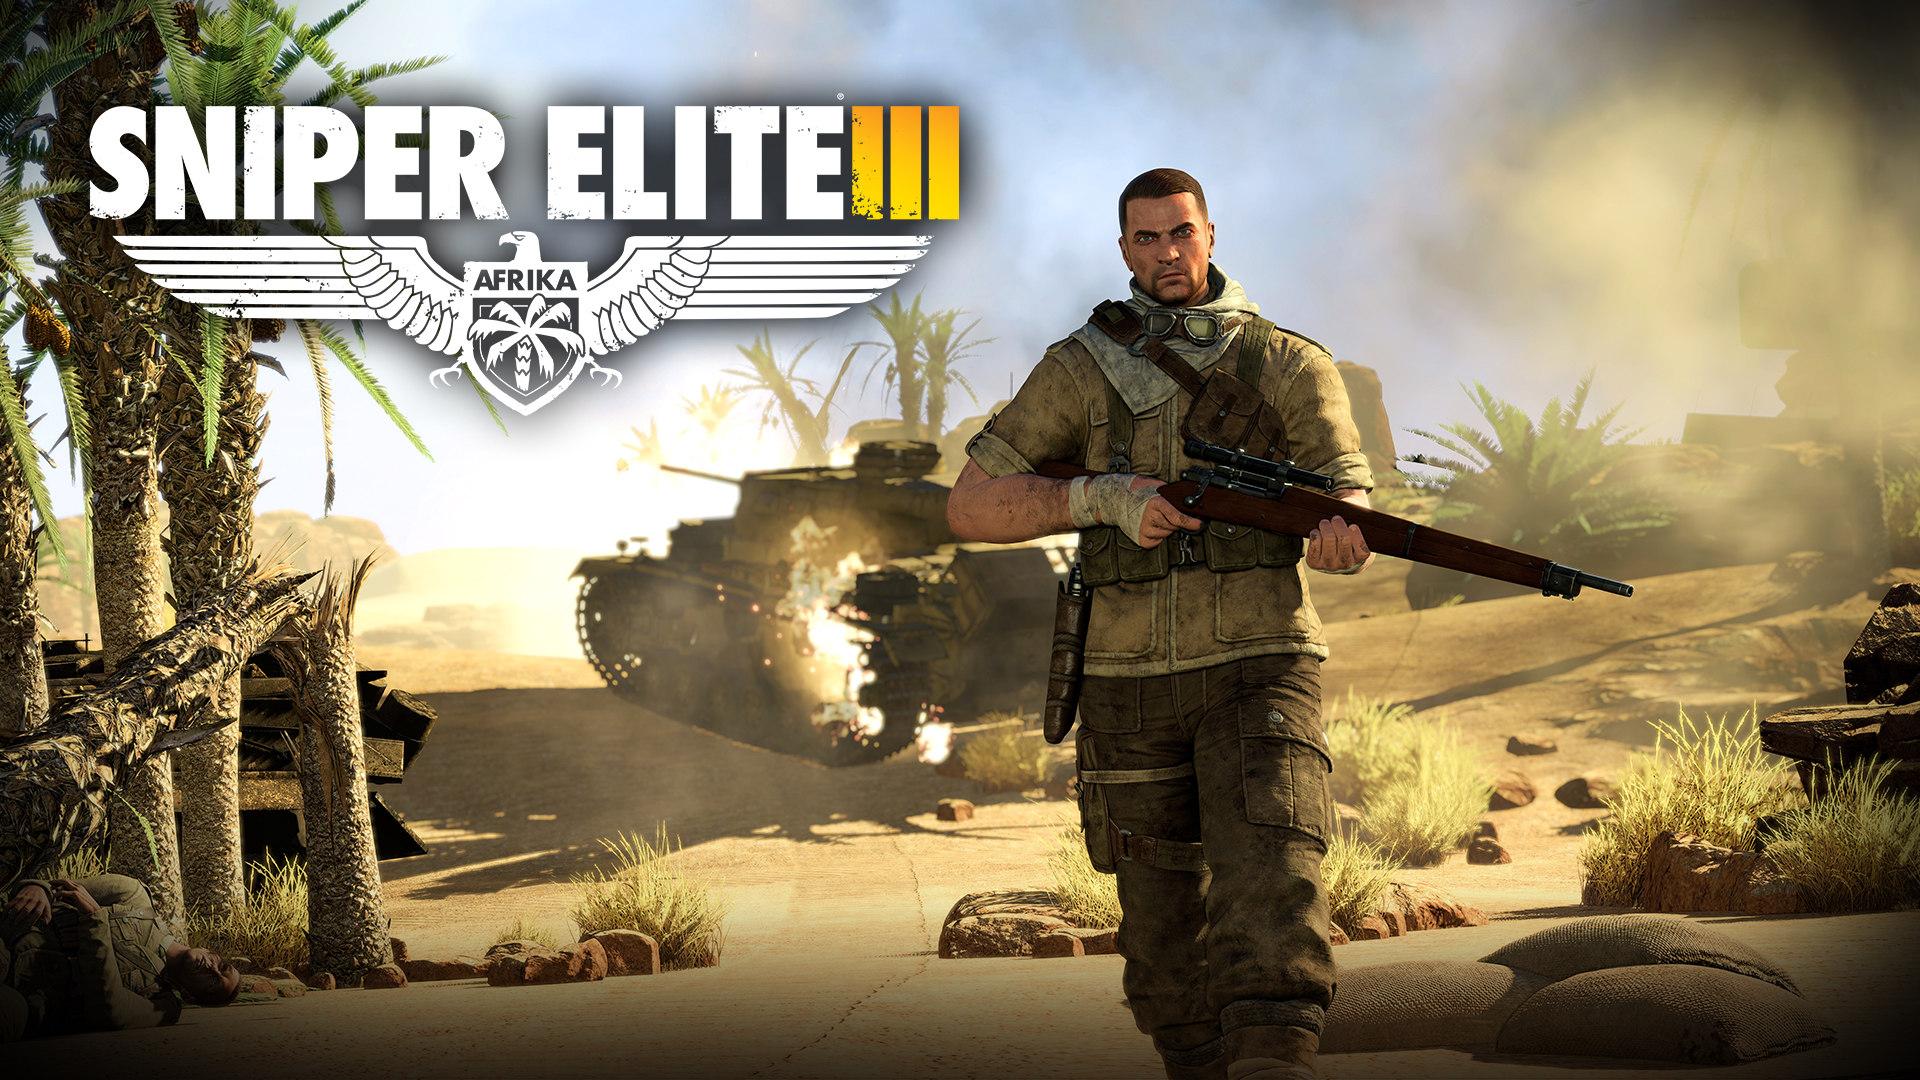 Sniper Elite 3 wallpaper 1920x1080 83542 1920x1080